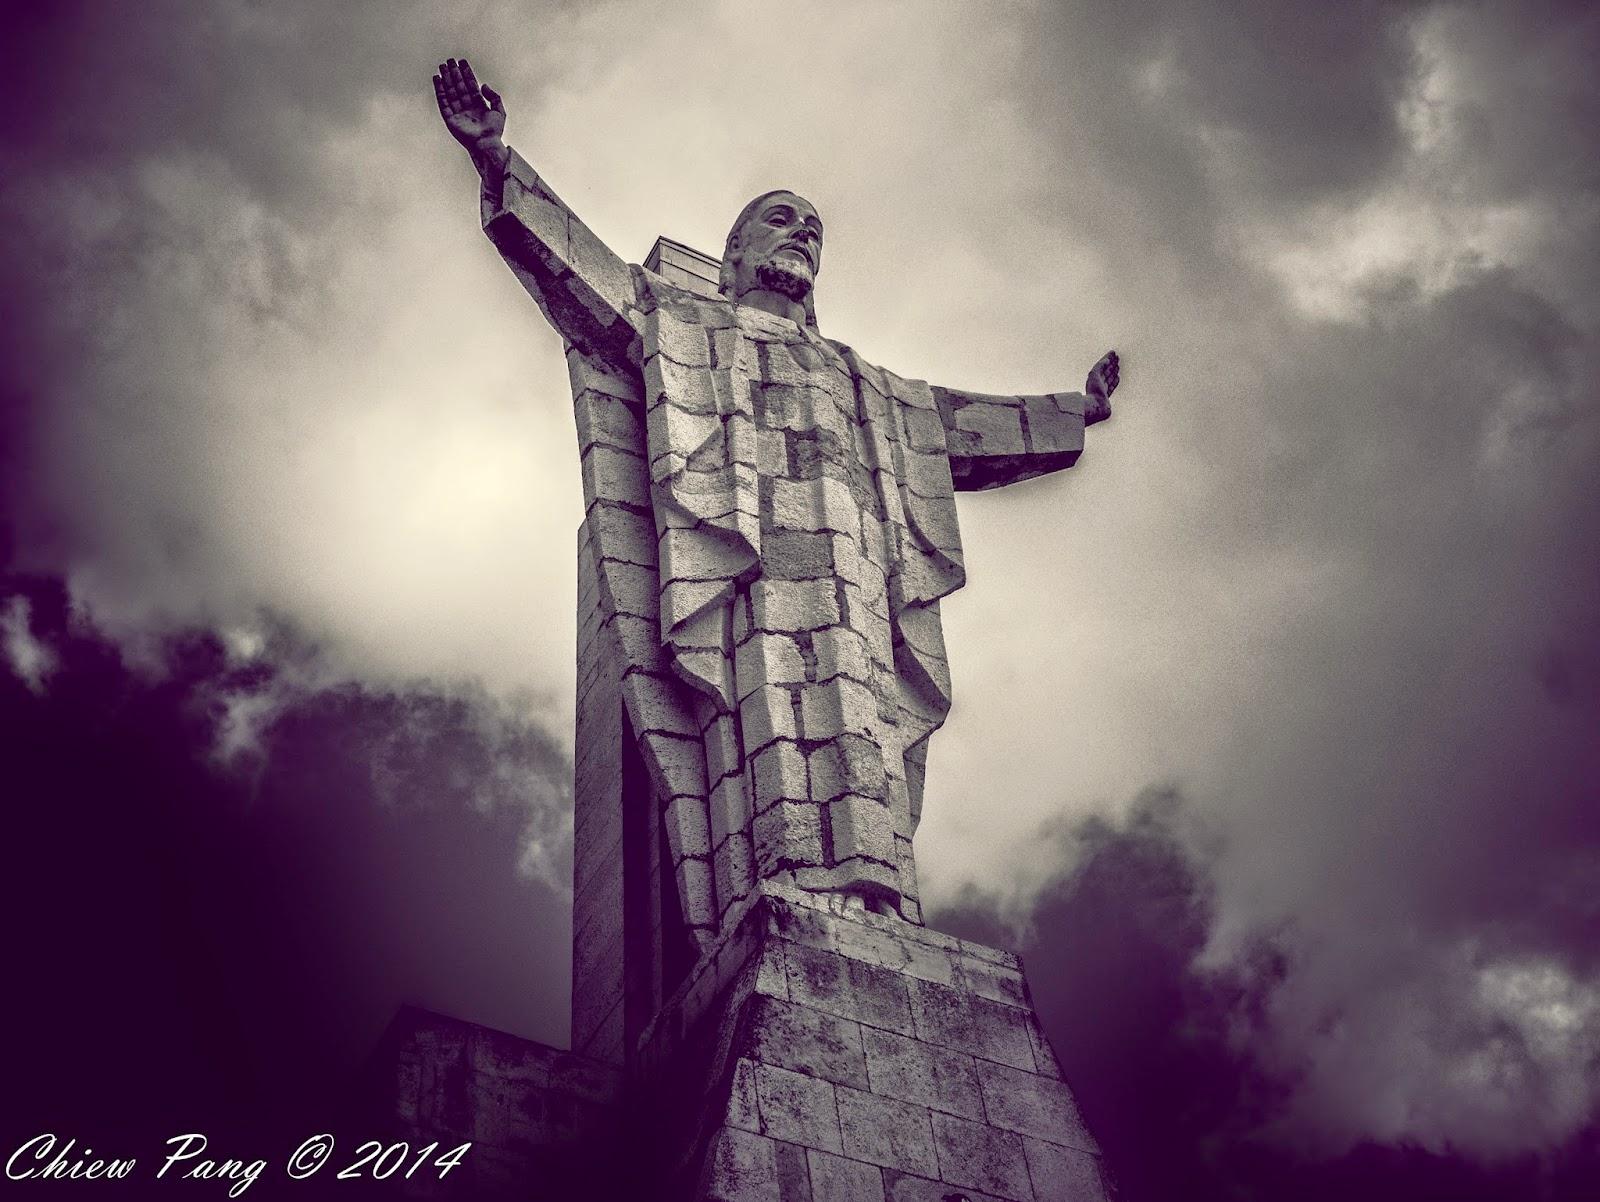 El Cristo, Monte Naranco, Oviedo, Asturias